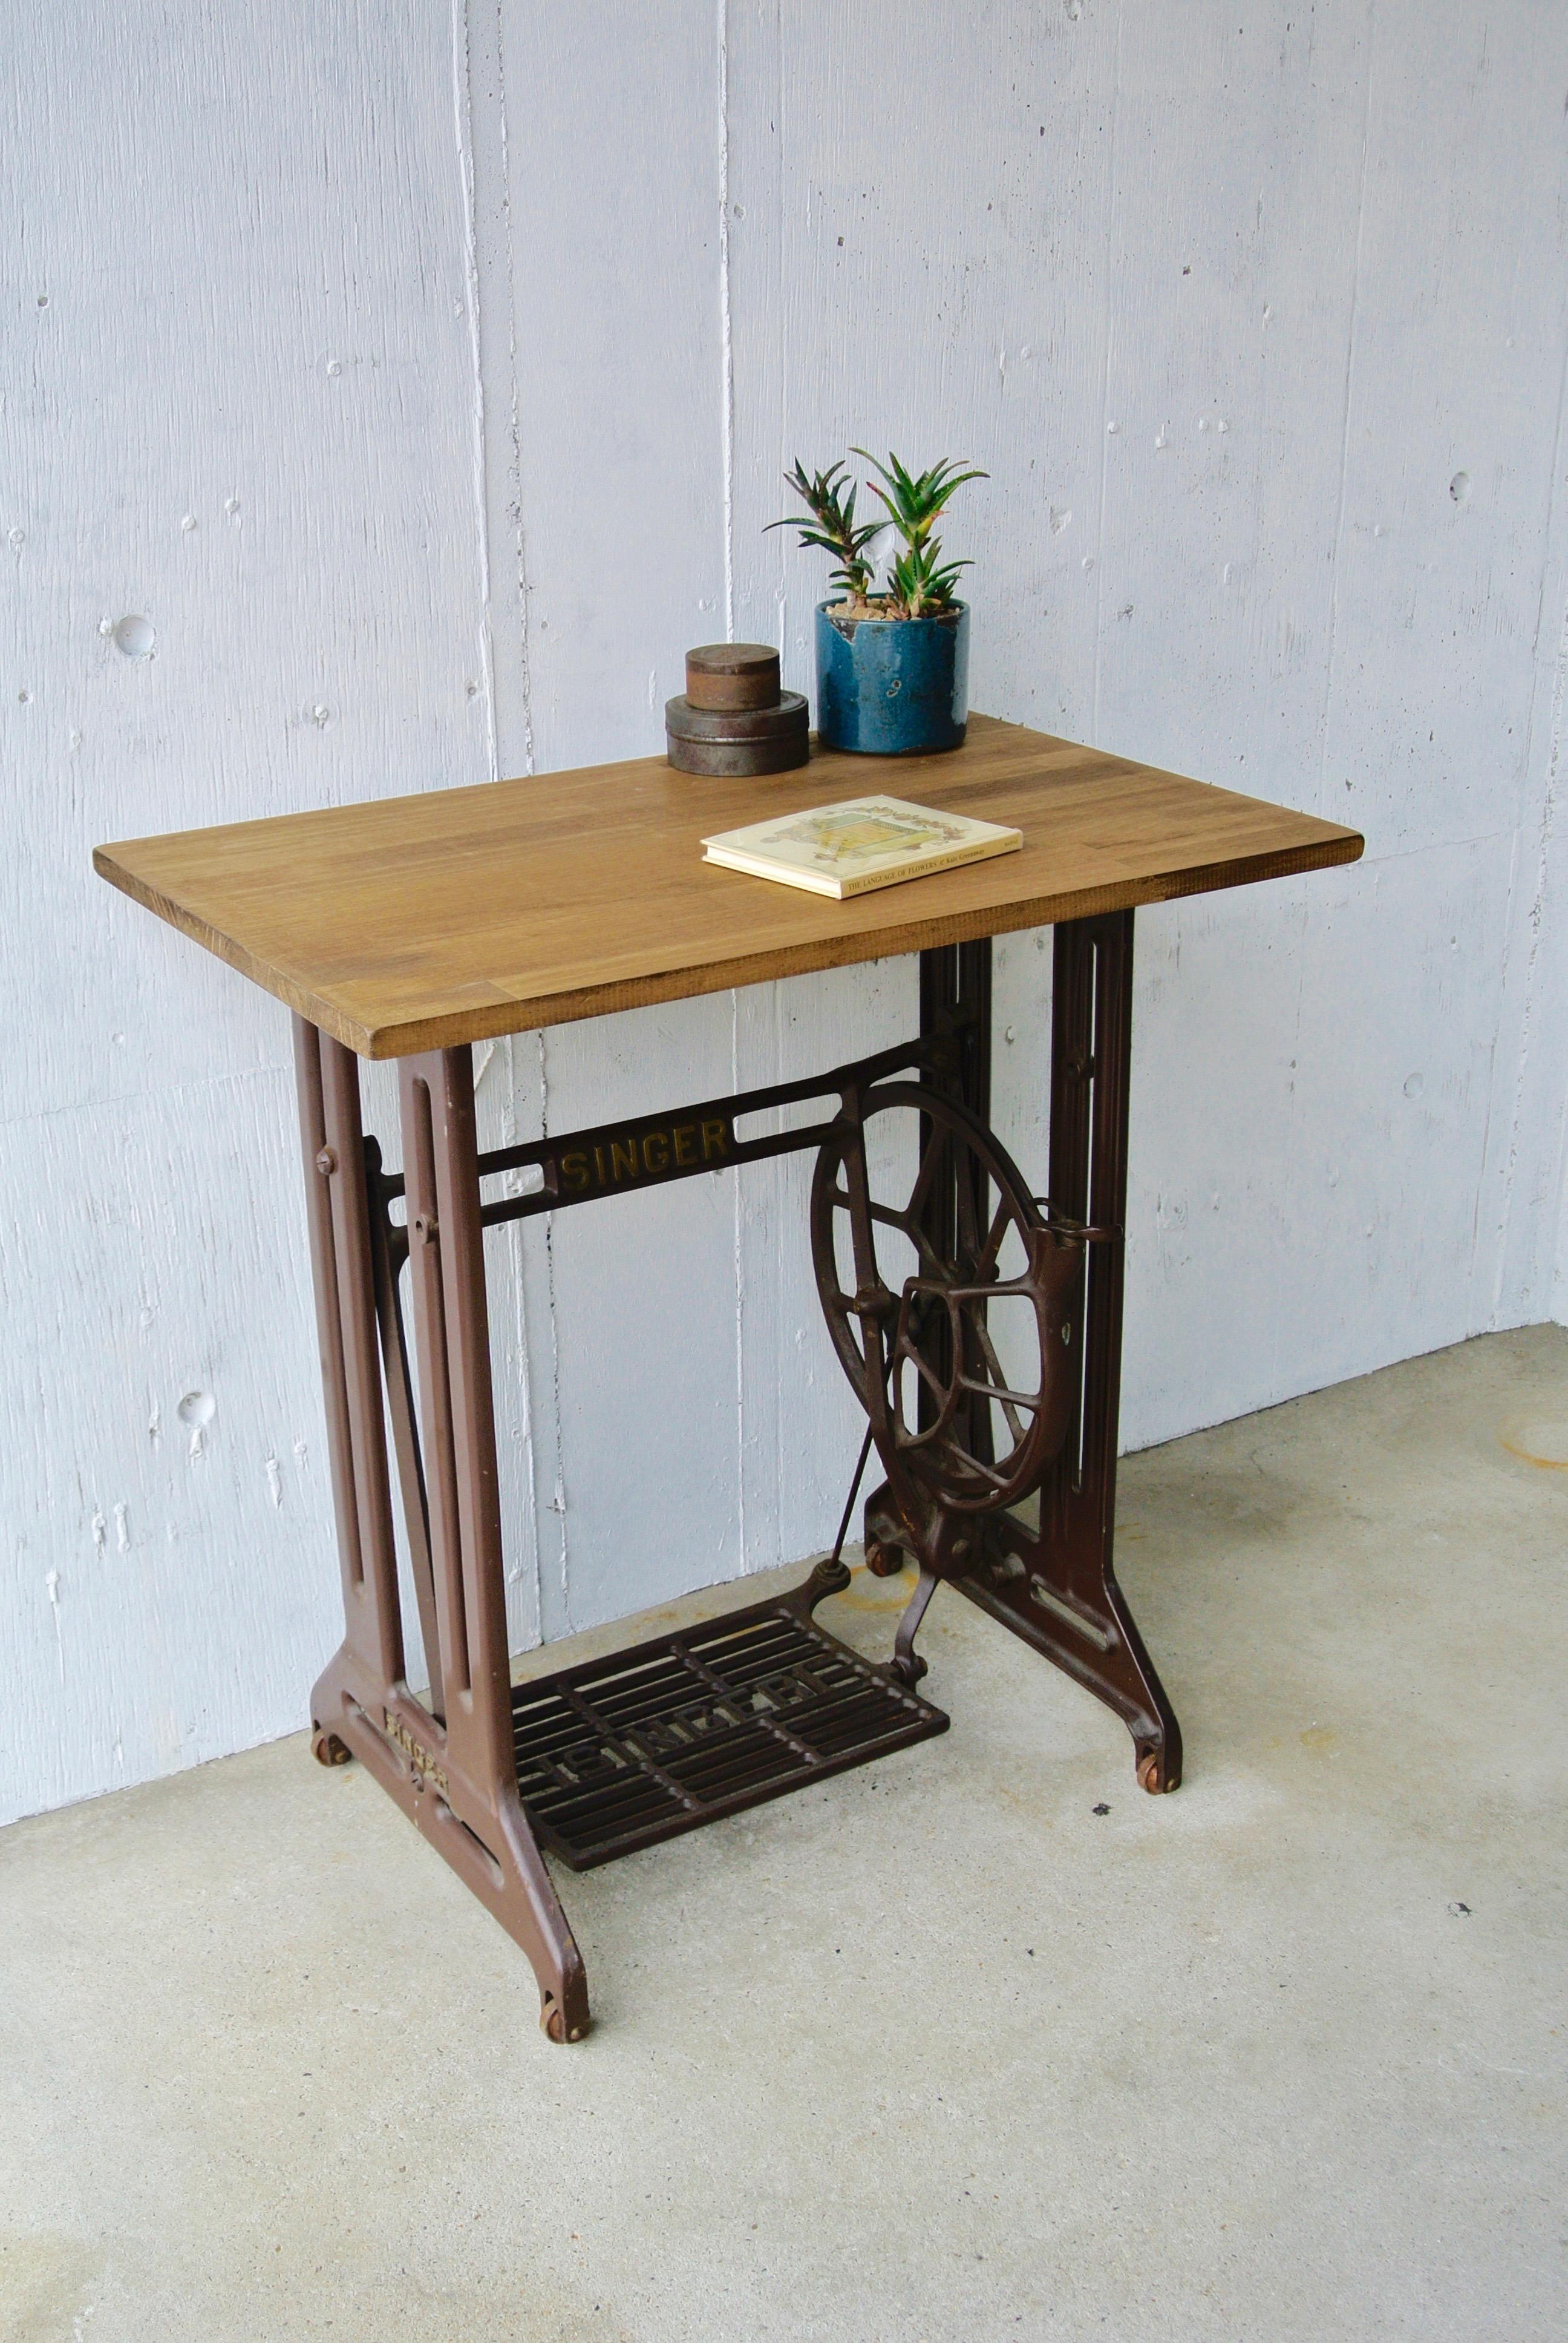 シンガーミシン脚のテーブル[オリジナルリメイク]